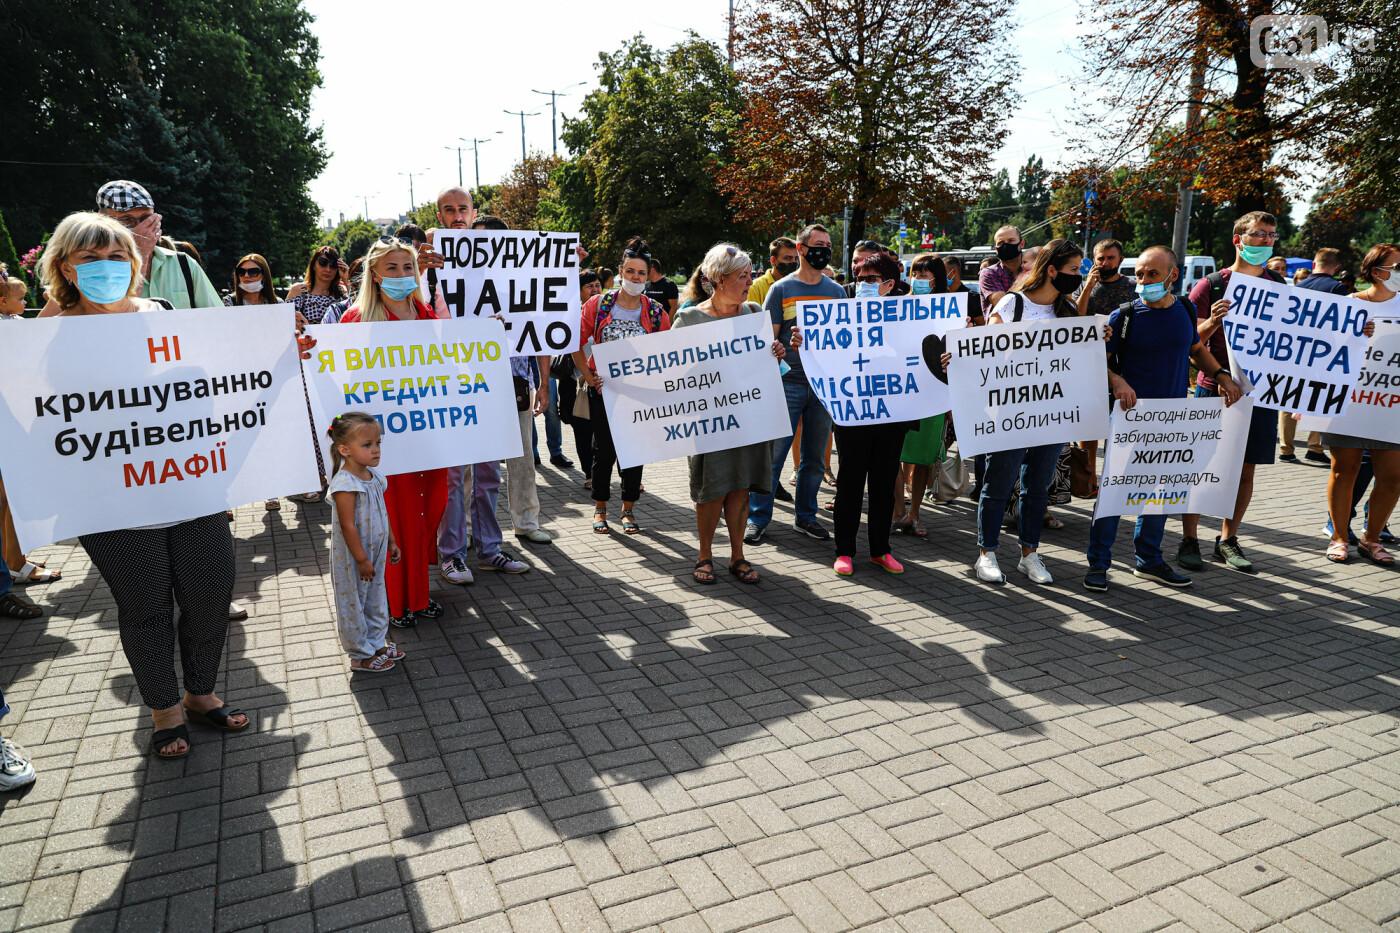 «Я выплачиваю кредит за воздух»: жильцы недостроенных многоэтажек вышли на митинг под стенами мэрии, - ФОТОРЕПОРТАЖ, фото-7